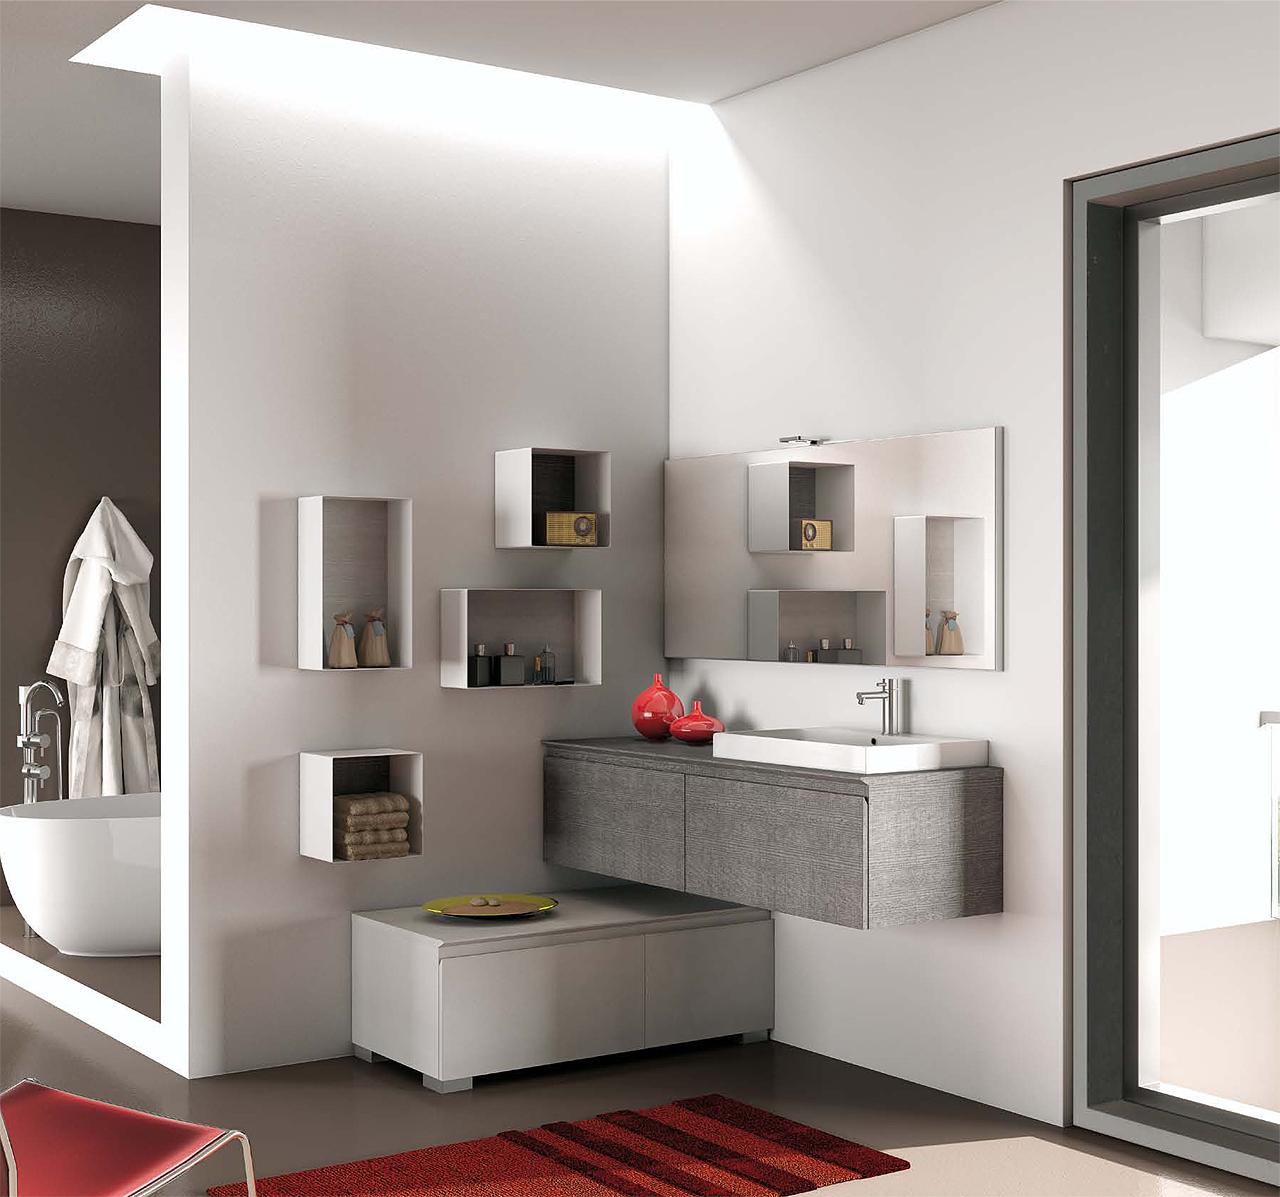 Light design arredamento bagni progettazione e vendita di mobili e arredamento rieti - Interni bagni moderni ...